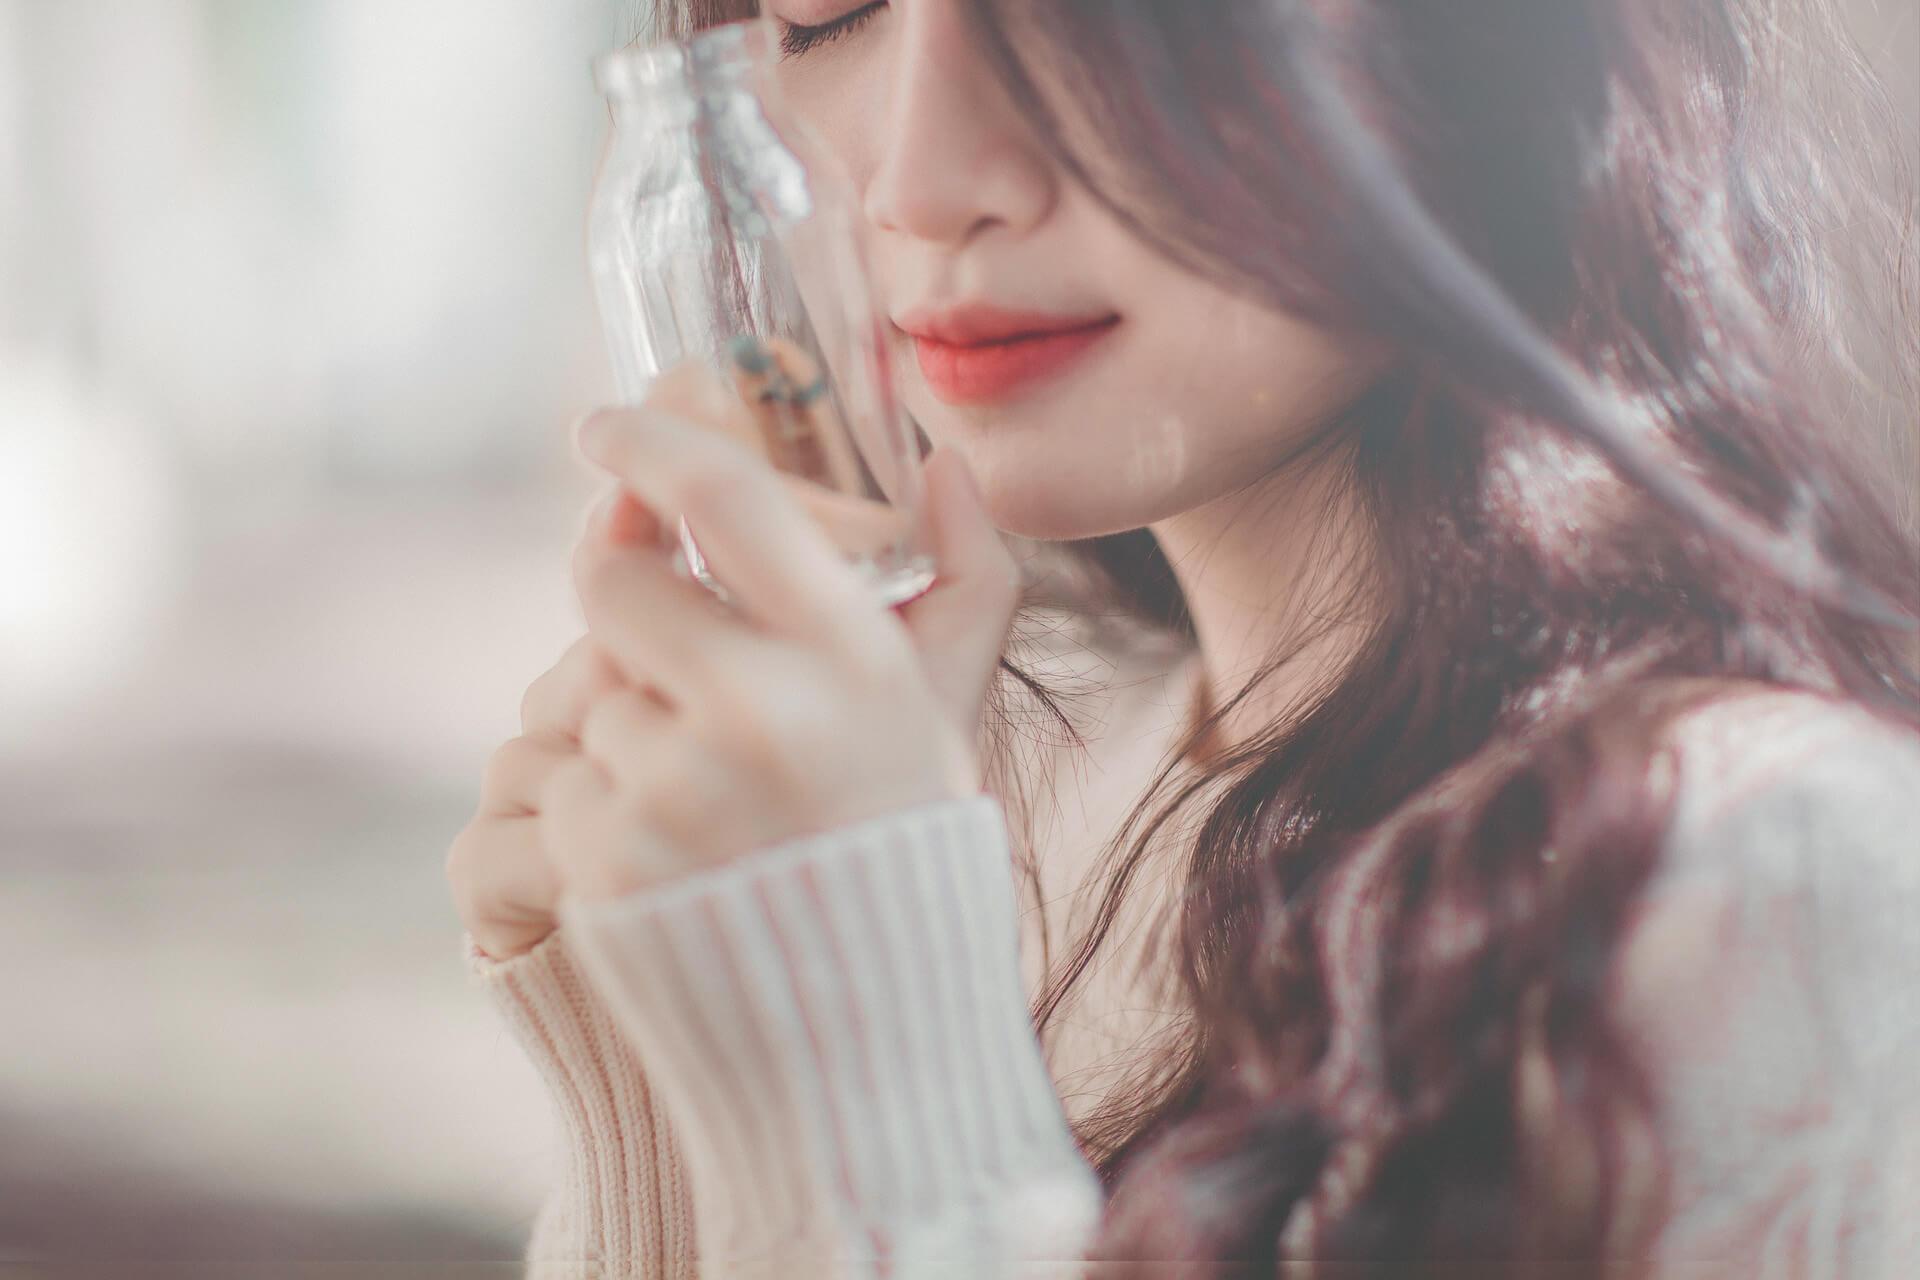 """""""La rinoplastia es la cirugía que realizo para corregir defectos o deformidades en la nariz con el fin de armonizarla con el resto de los rasgos físicos de la cara."""" Dra. Patricia Gutiérrez Ontalvilla (Cirujana Plástica Valencia)"""